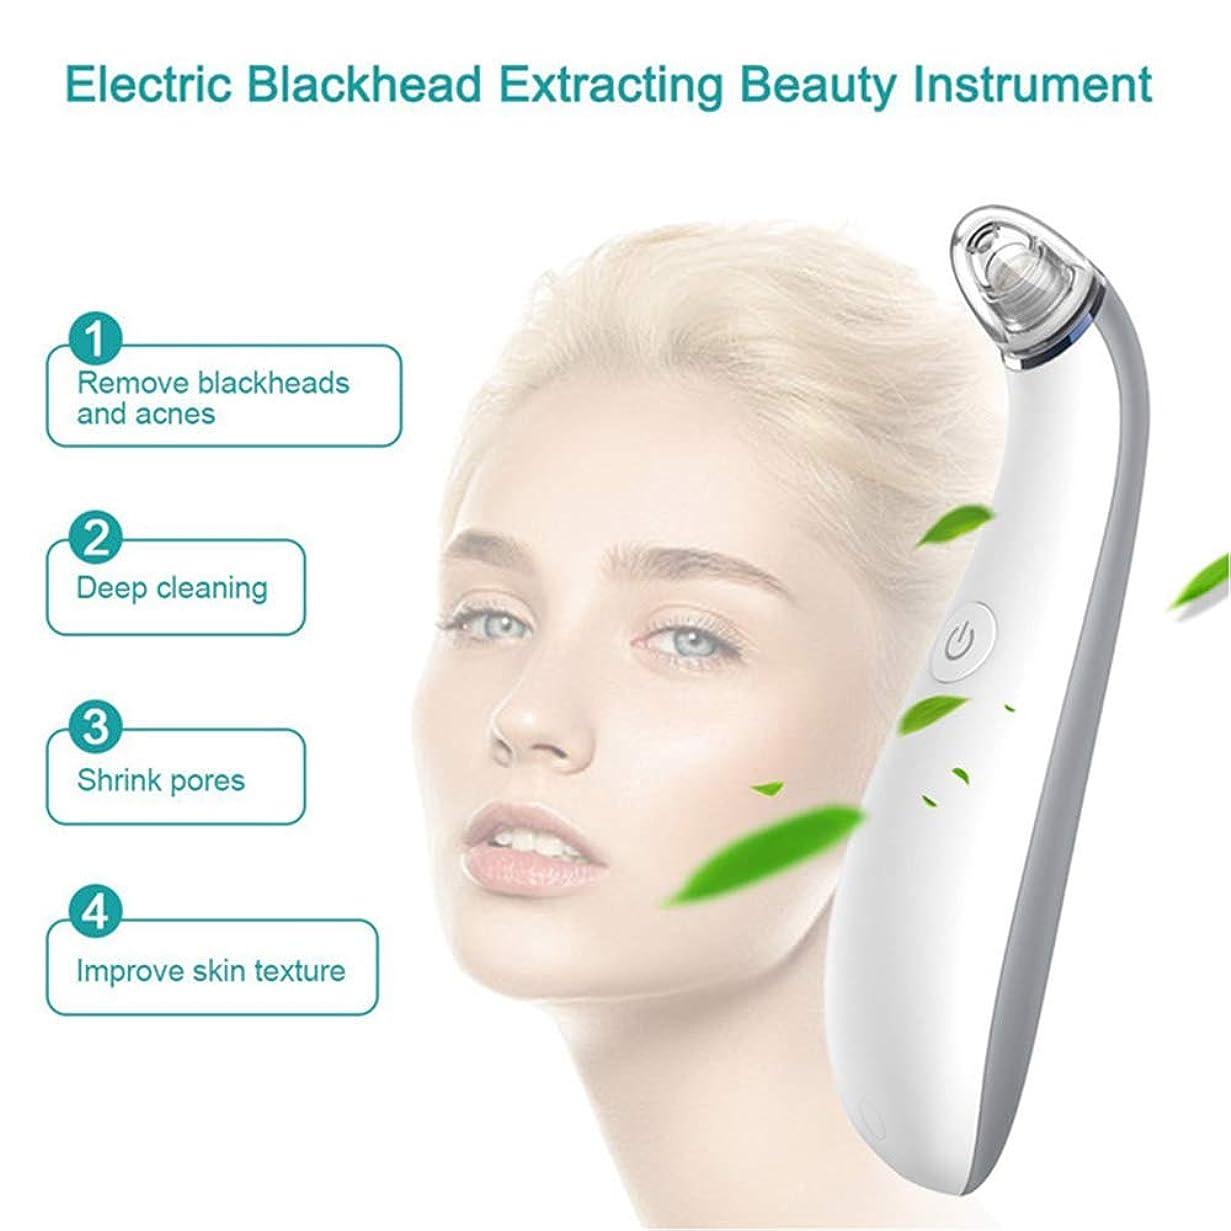 オペラ見込み計器気孔の真空の深くきれいな、皮膚健康のための電気顔の安定した吸引のスキンケア用具4取り替え可能な吸引の頭部USB再充電可能